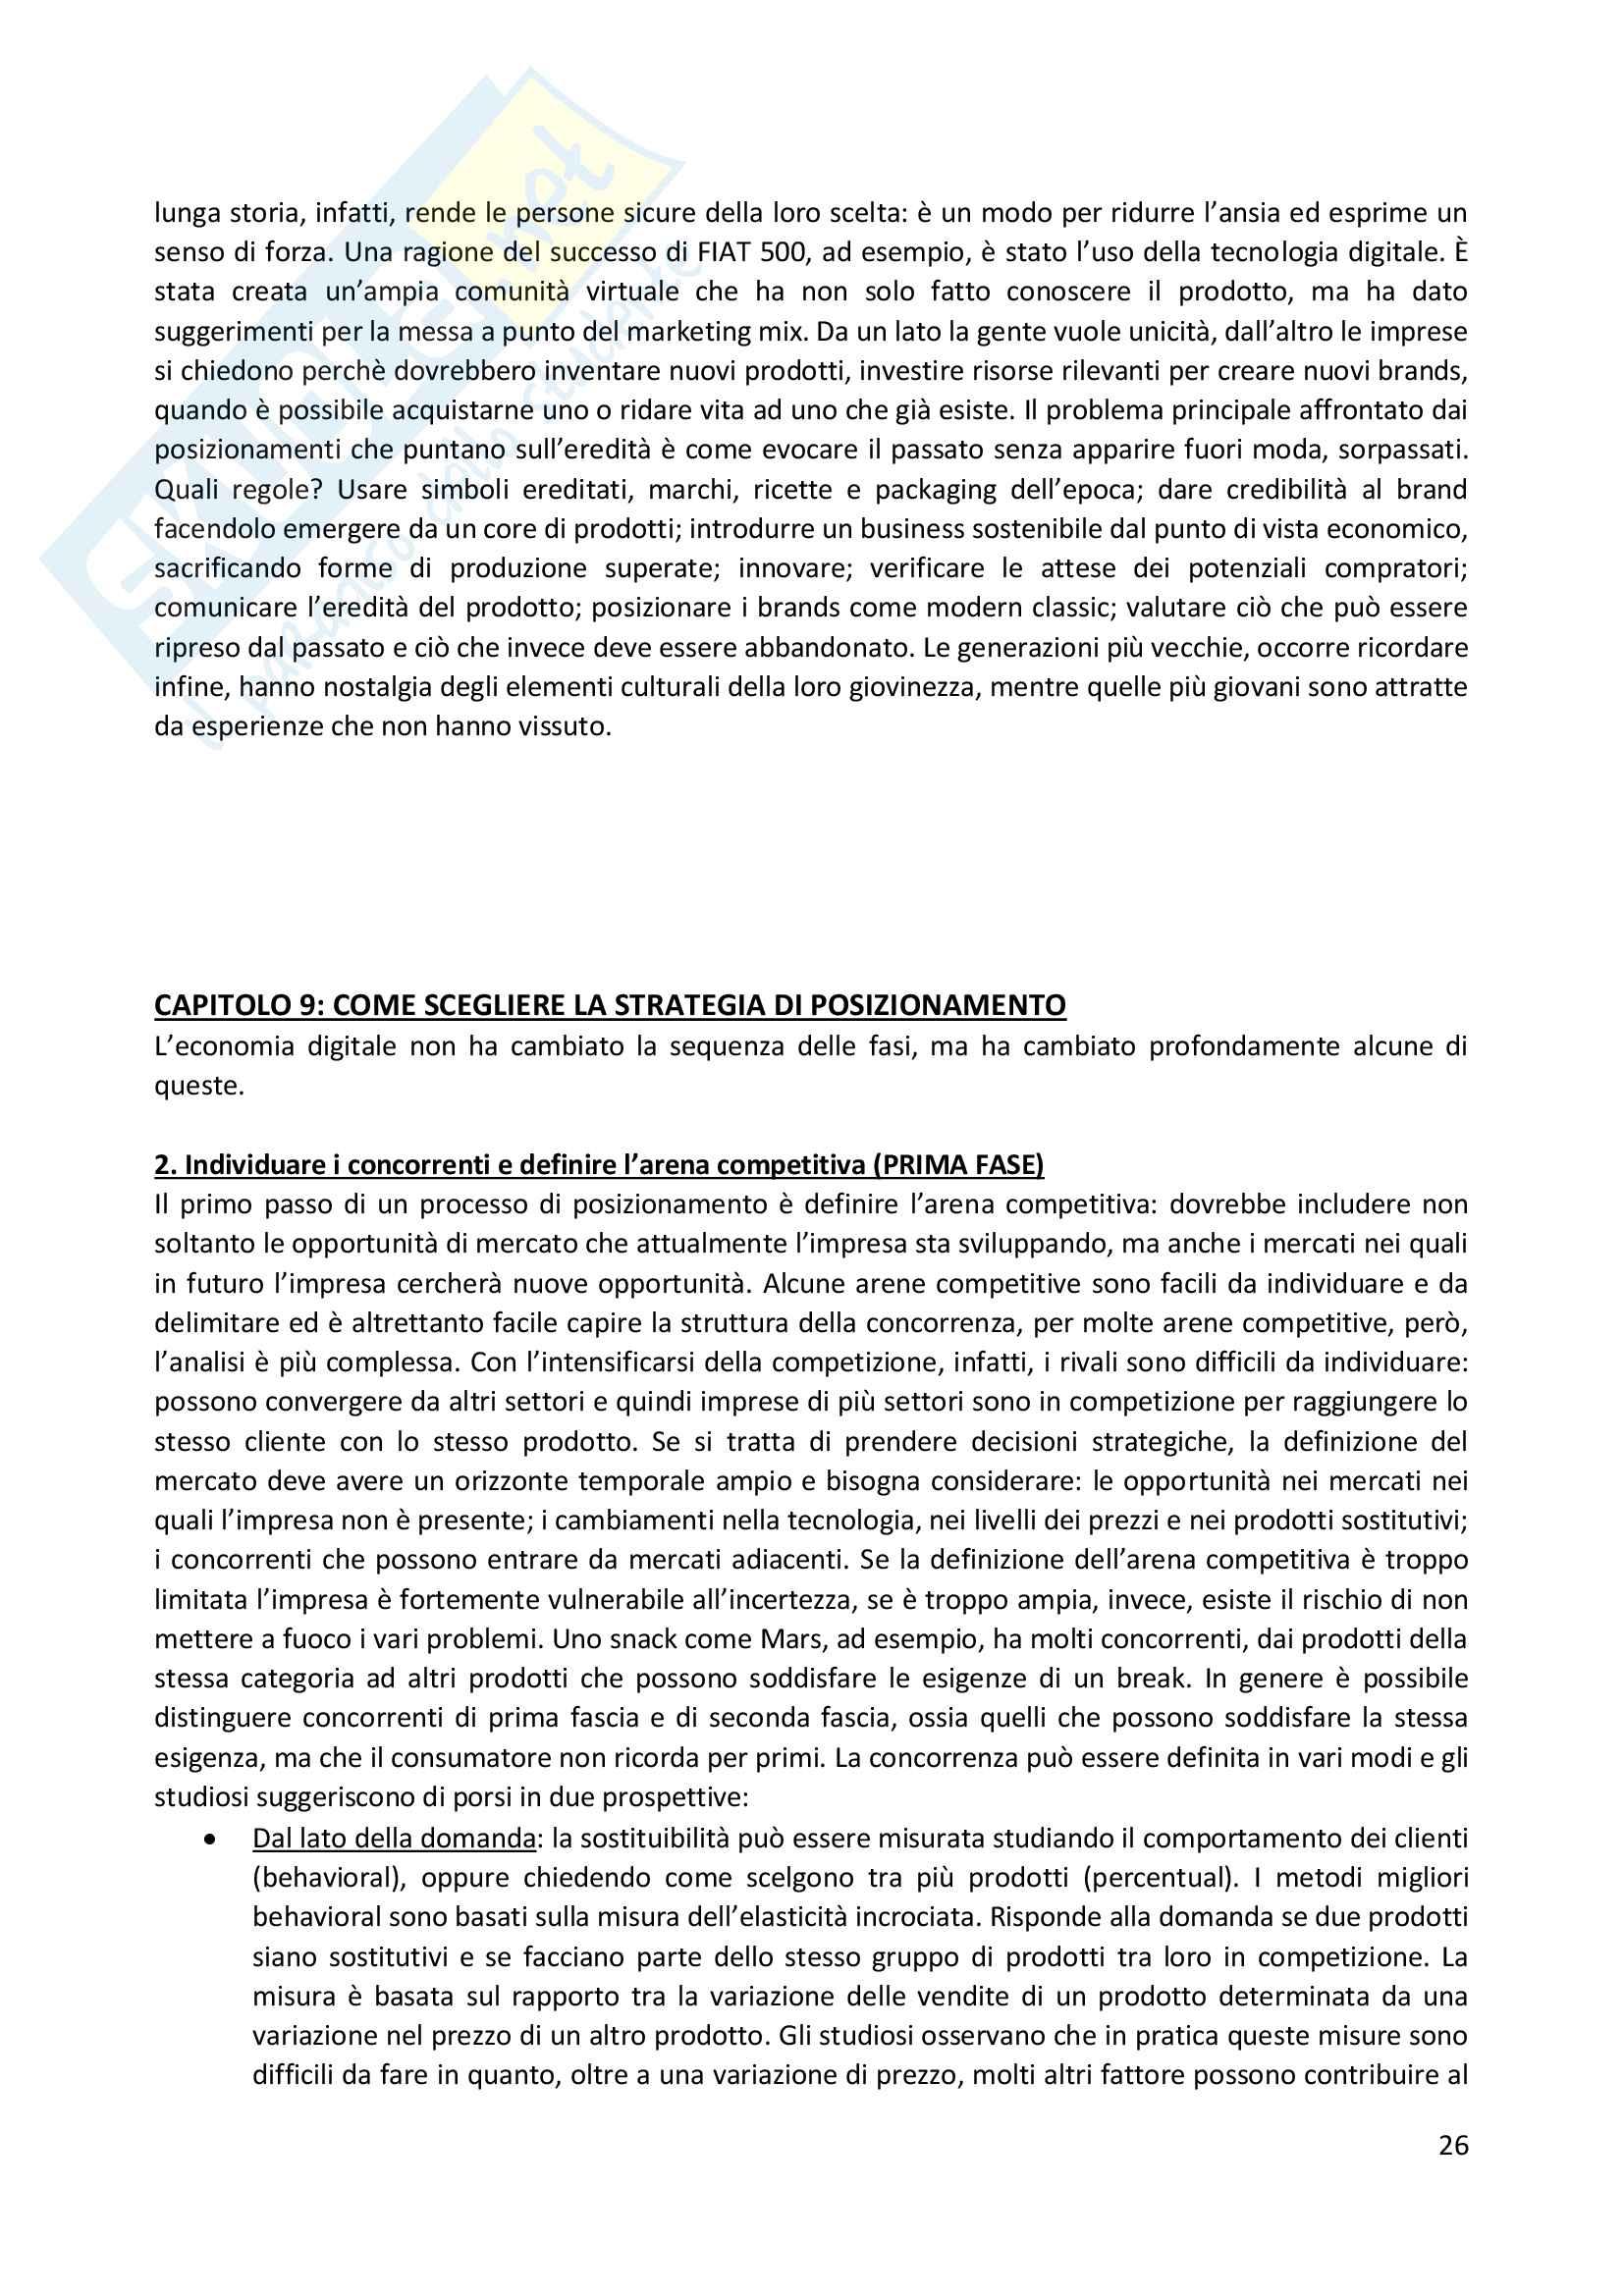 """Riassunto esame Branding, prof A.C. Pellicelli, libro consigliato""""Le strategie di posizionamento nell'economia digitale"""" A.C. Pellicelli Pag. 26"""